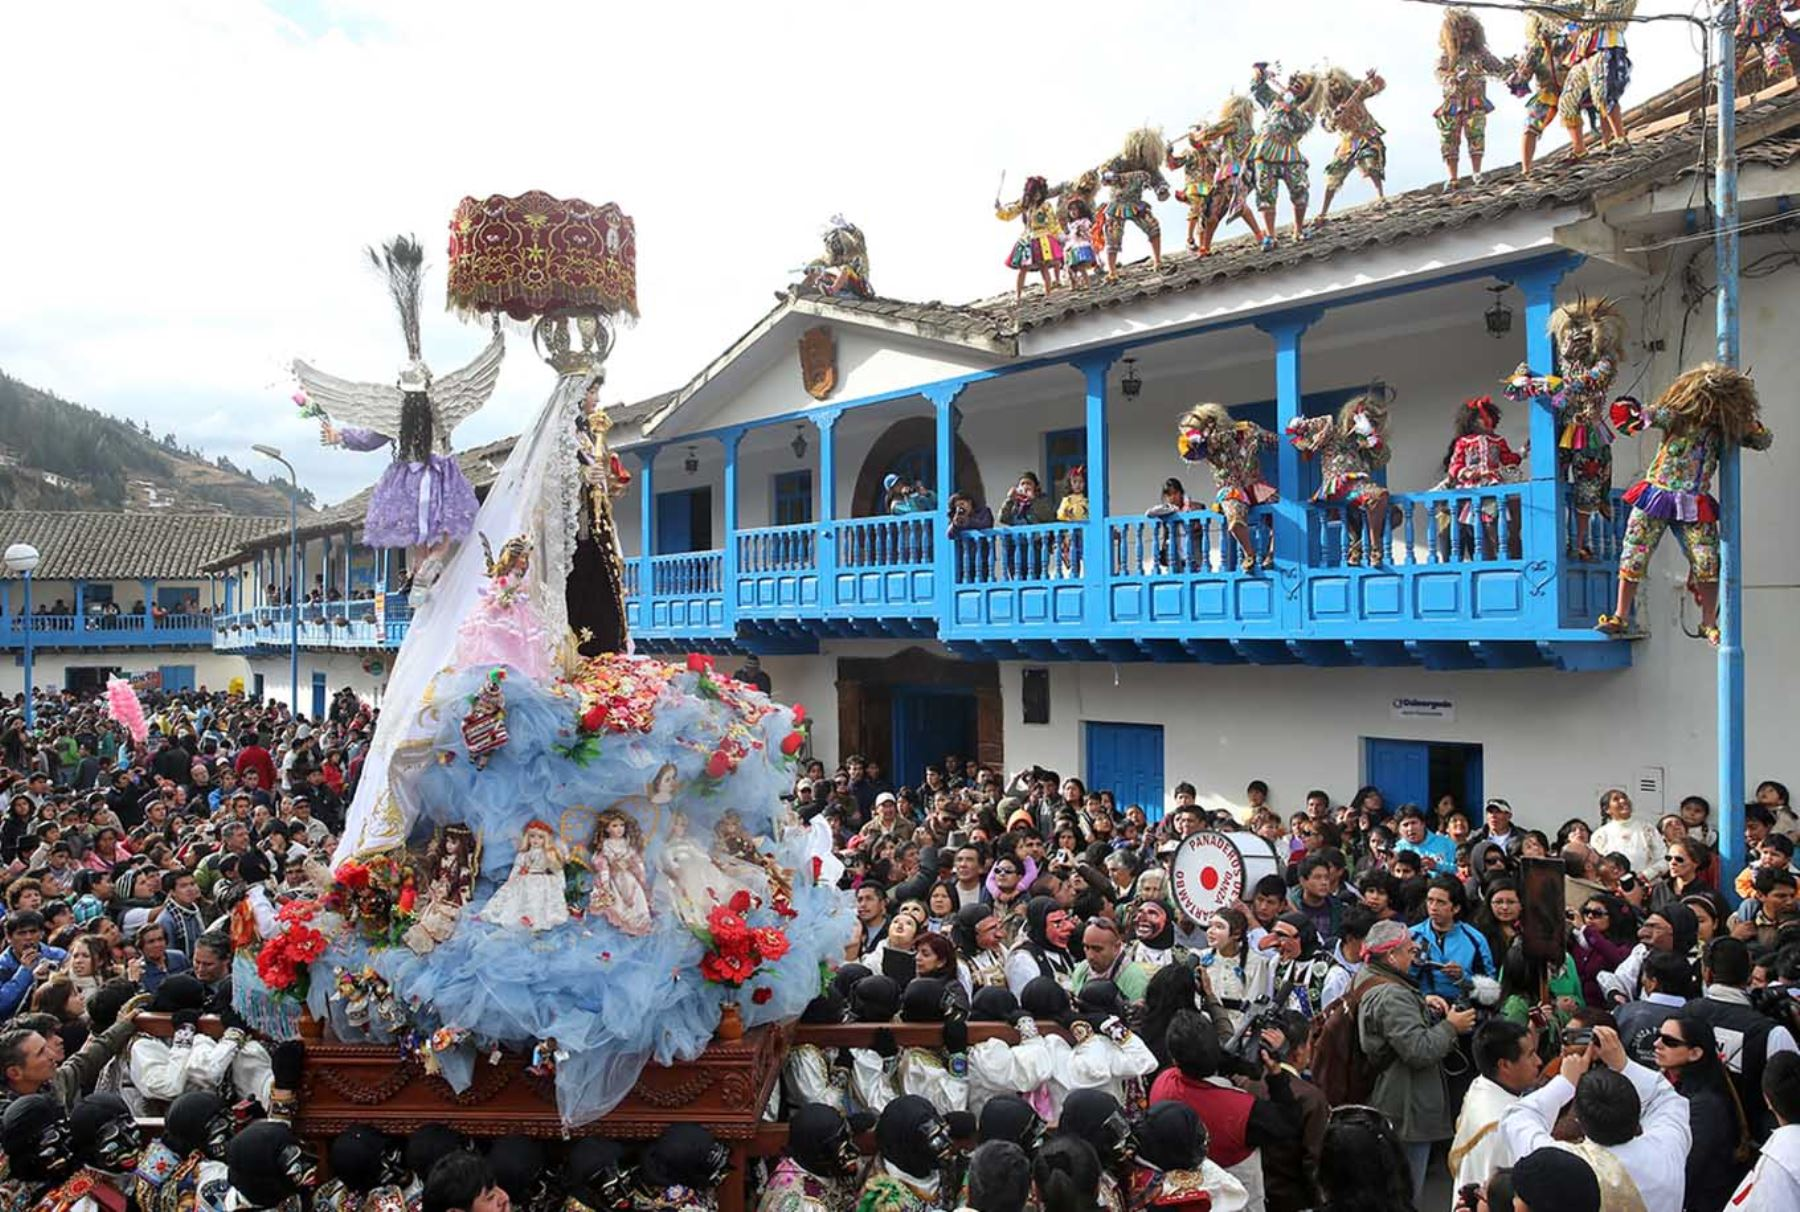 Estas son las danzas que se bailan en fiesta de Virgen del Carmen de Paucartambo, en Cusco. ANDINA/Carlos Lezama